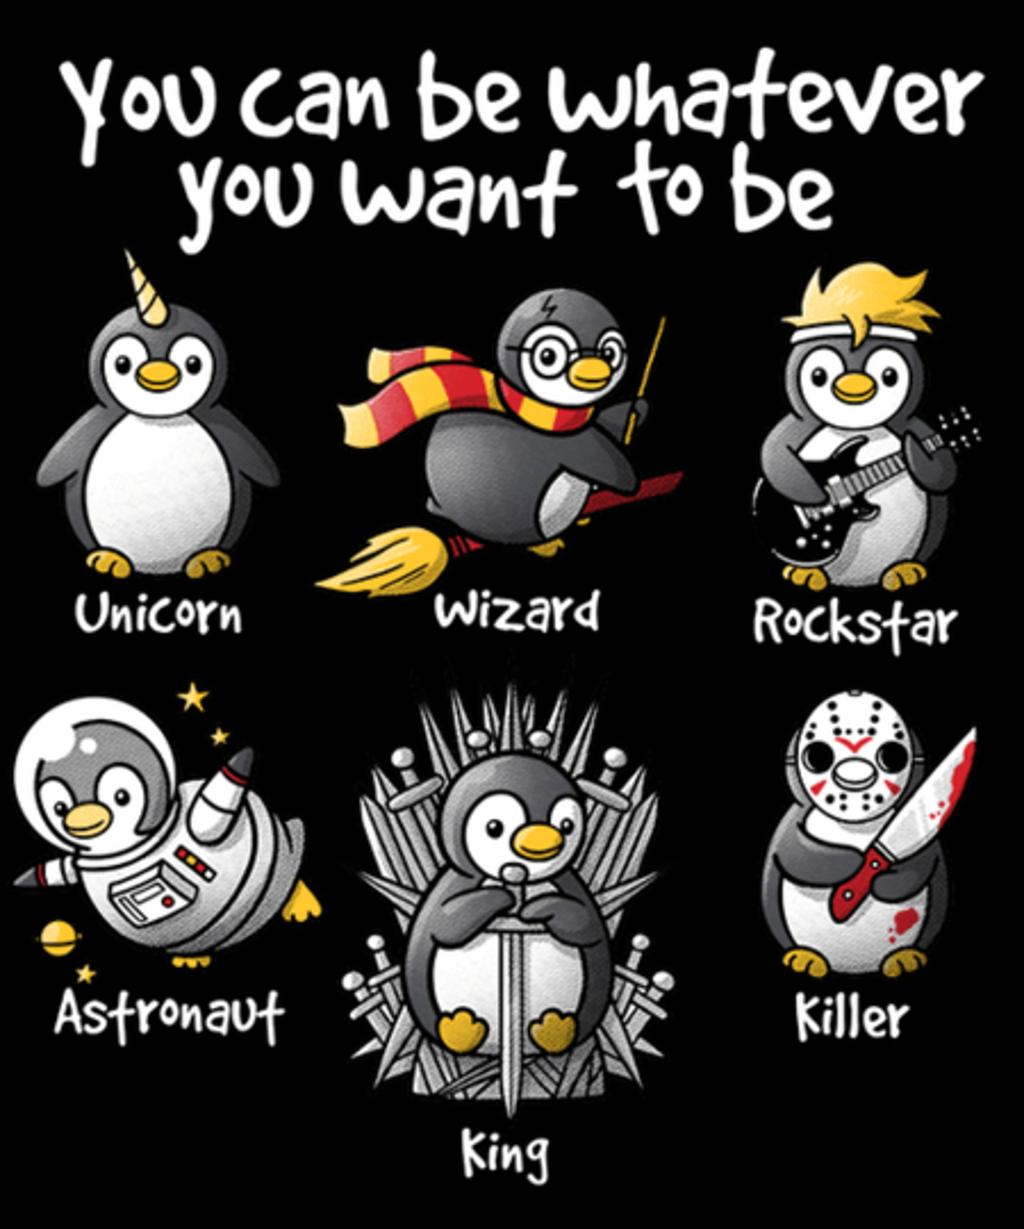 Qwertee: Be a penguin